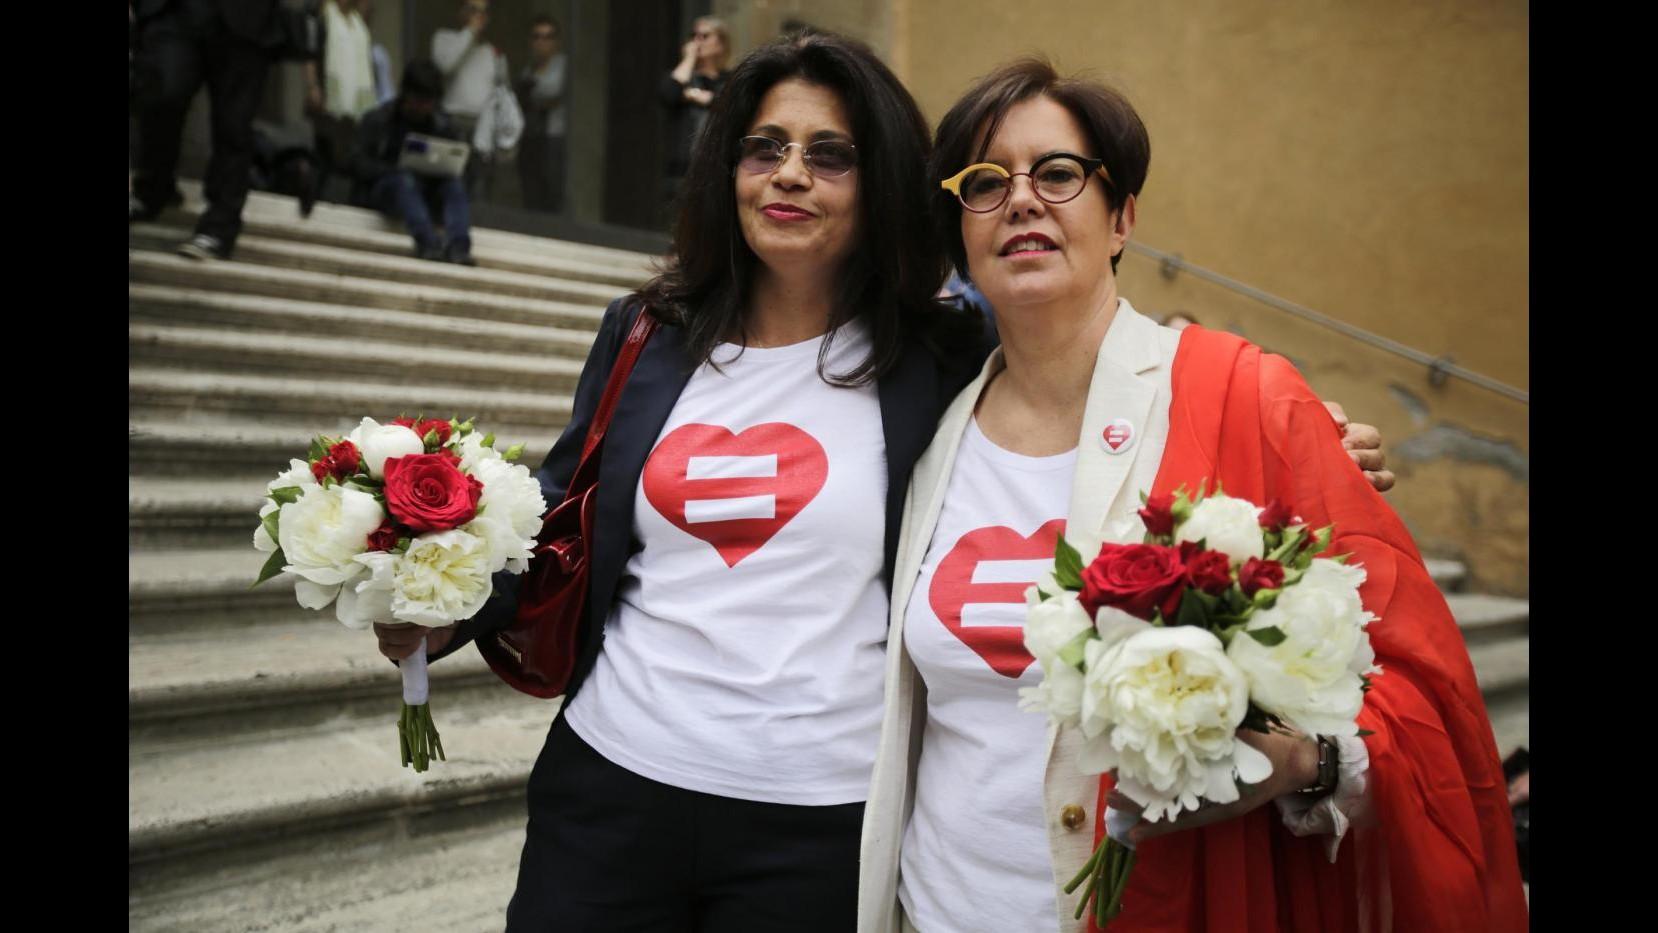 Immigrazione, Gozi: Accordo su distribuzione è merito governo italiano